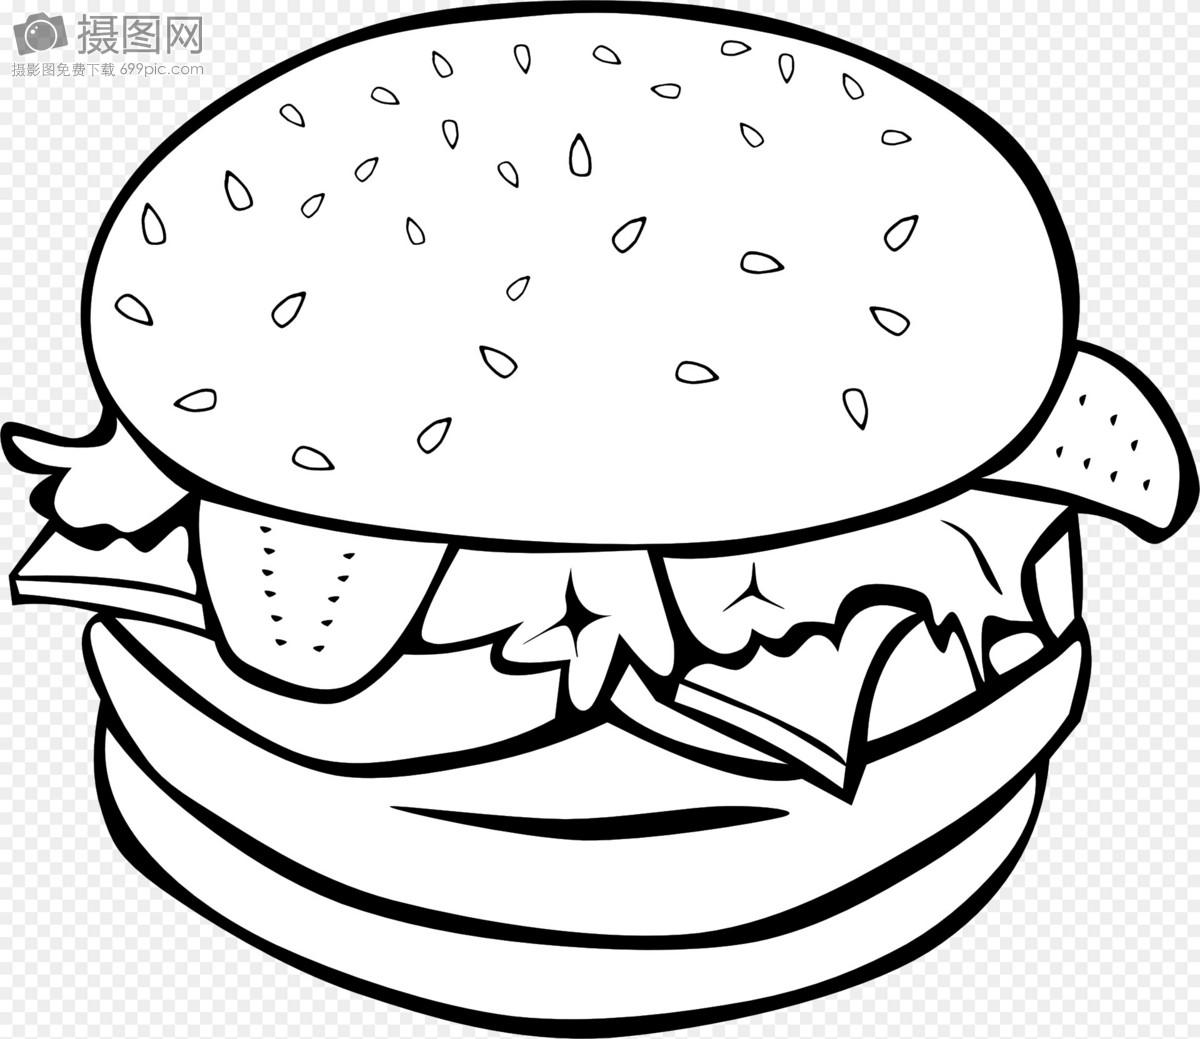 好吃的汉堡图片素材_免费下载_svg图片格式_高清图片